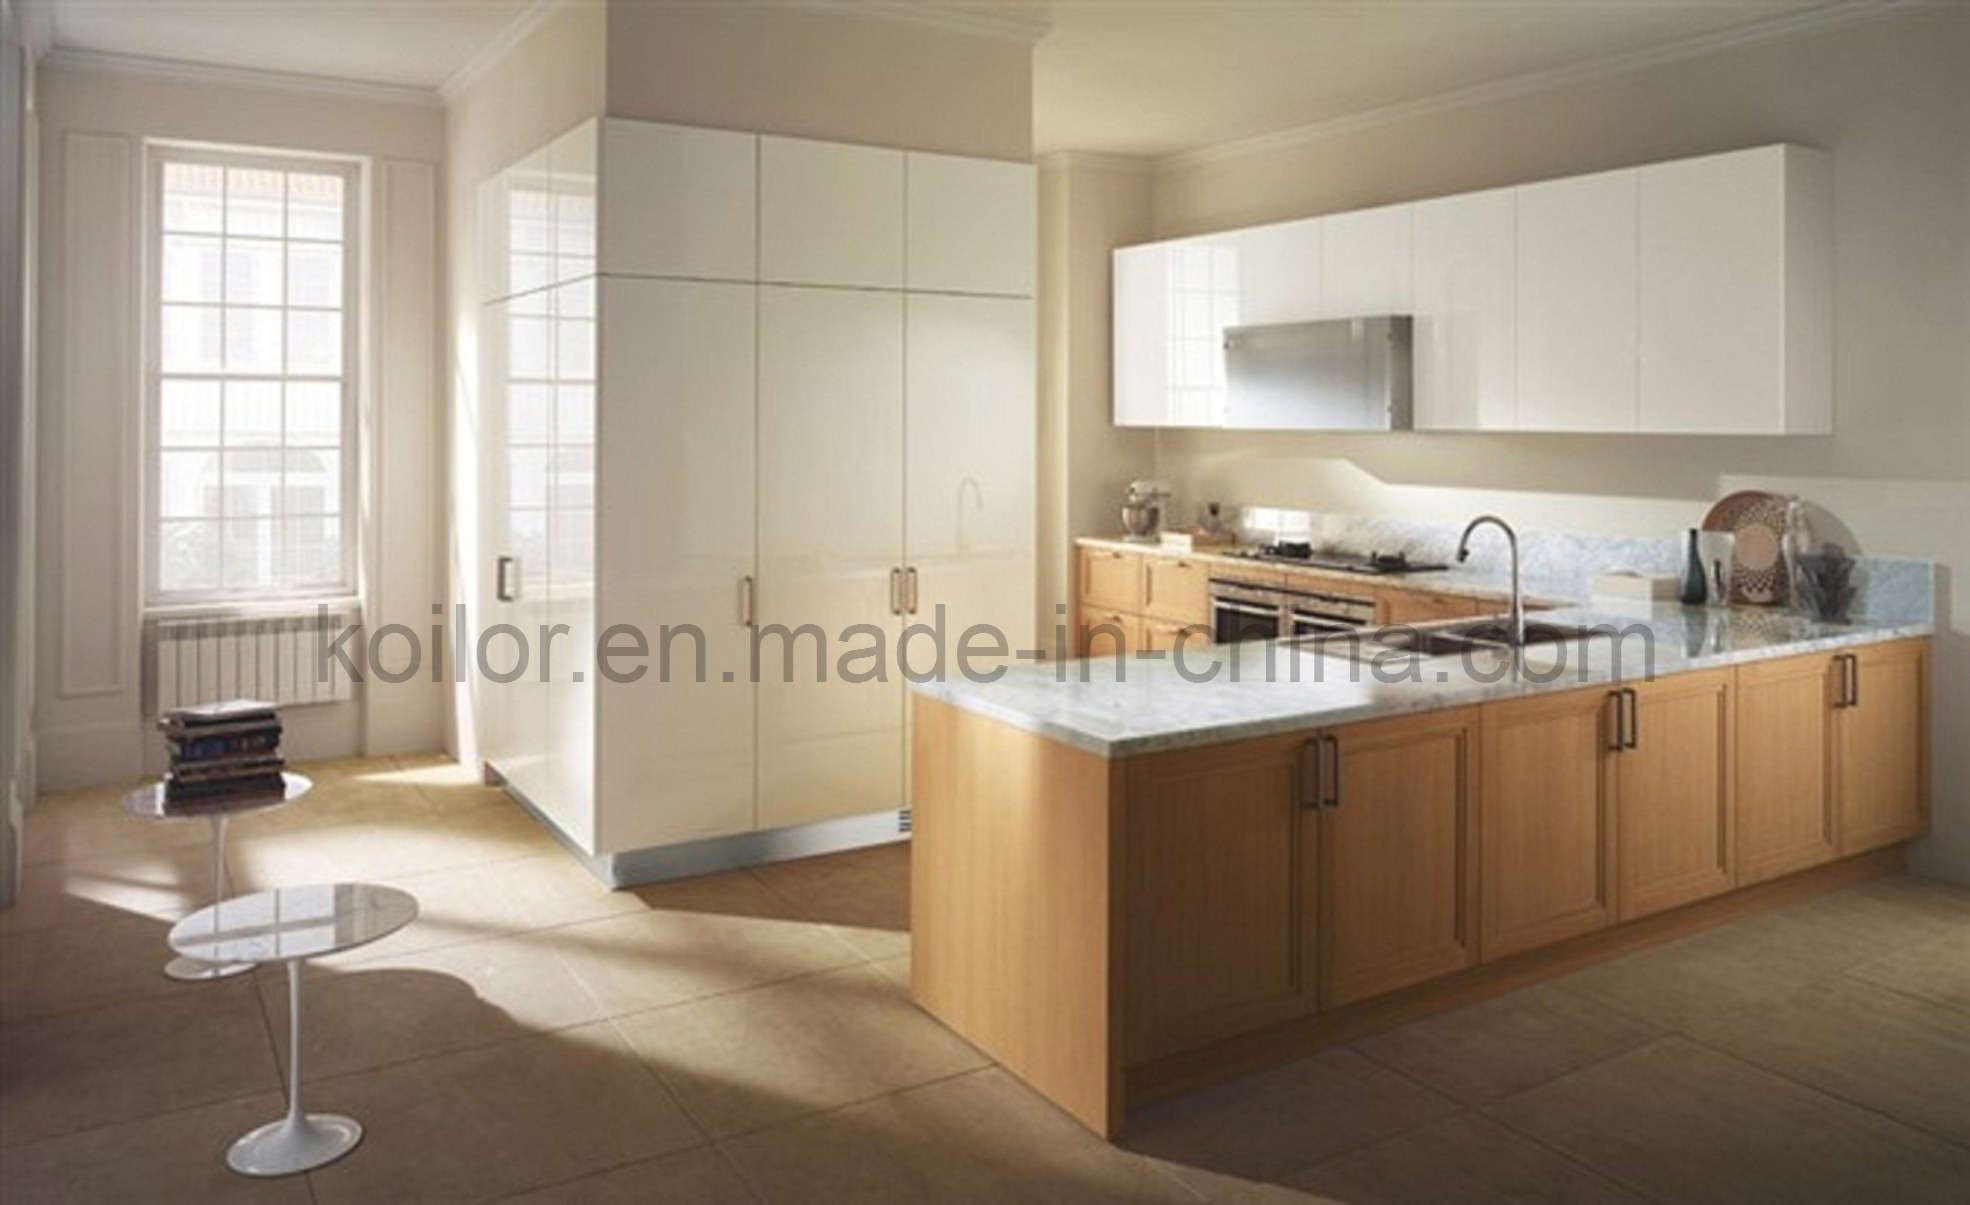 Gabinetes de cocina de madera s lida bah a pac fica for Gabinetes de madera para cocina